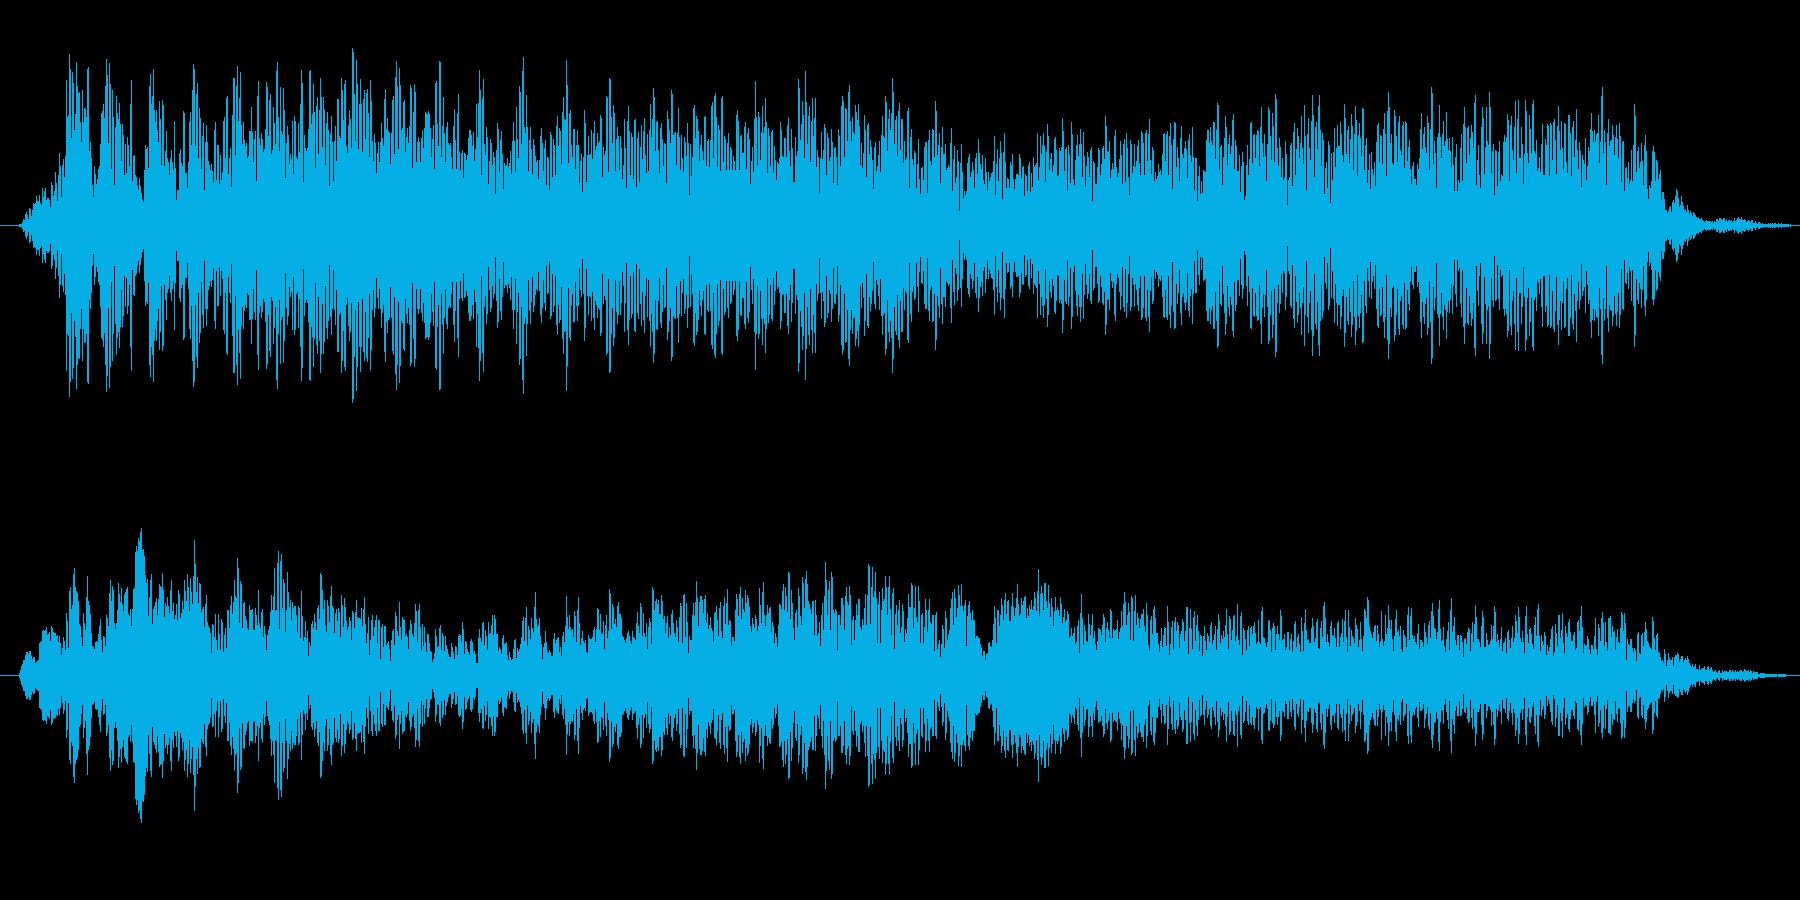 モノレール発車ベルの再生済みの波形